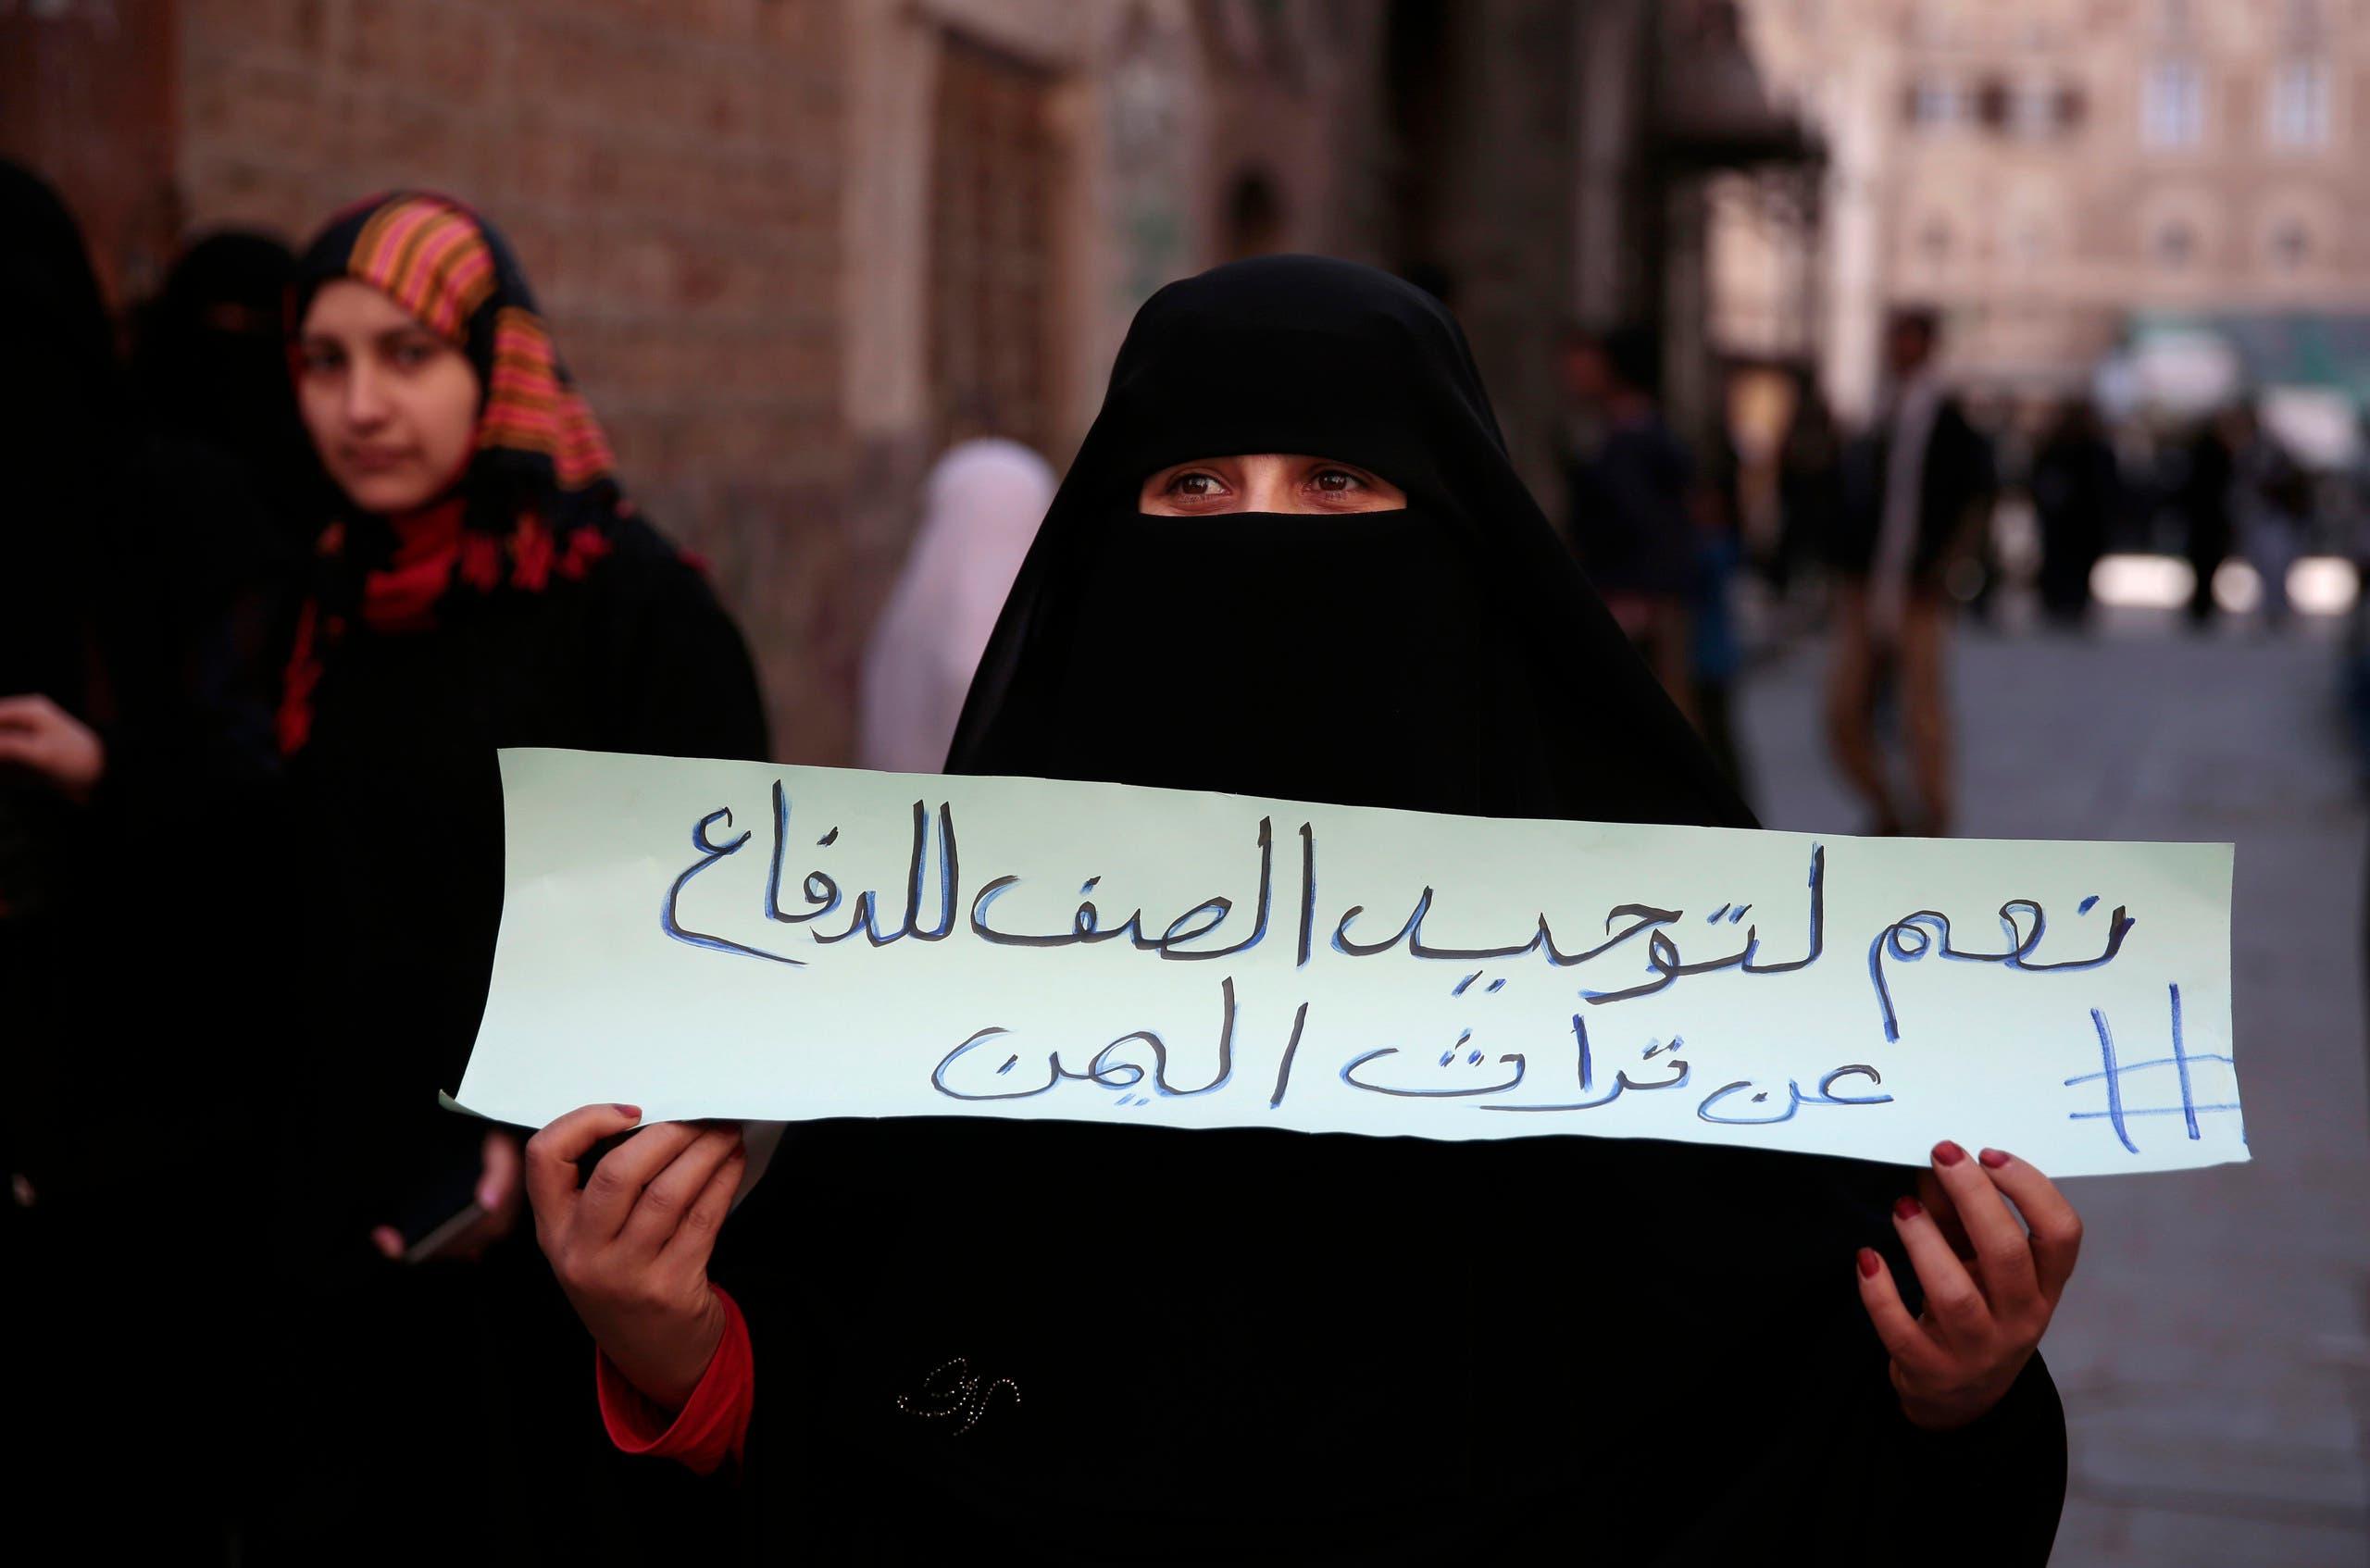 ناشطة يمنية تشارك في مسيرة للحفاظ على تراث اليمن